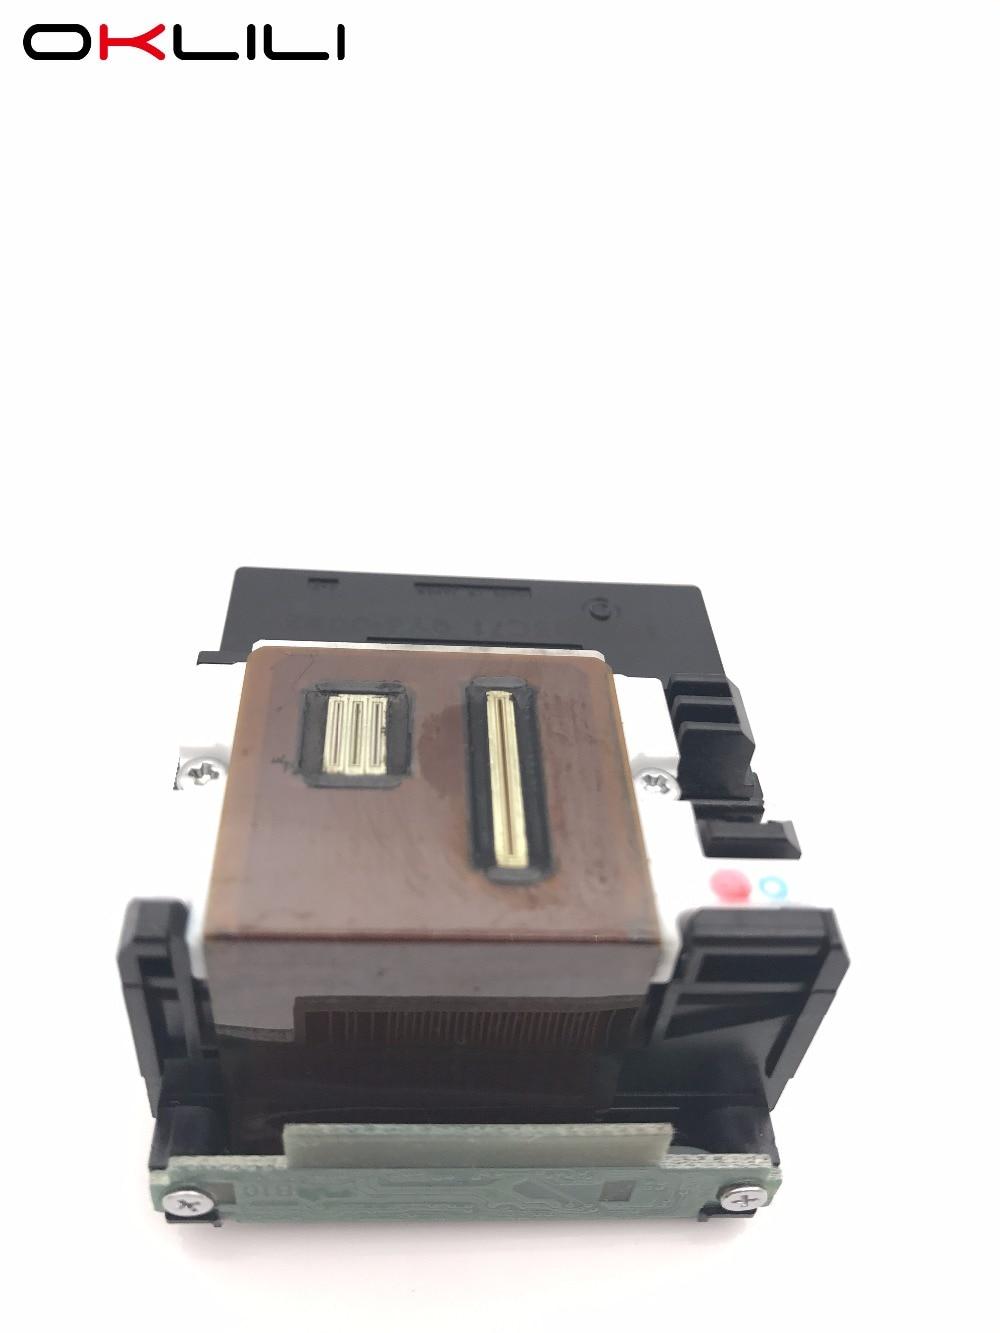 OKLILI ORIGINAL QY6-0052 QY6-0052-000 Printhead Print Head for Canon PIXUS 80i i80 iP90 CF-PL90 PL95 PL90W PL95W<br>